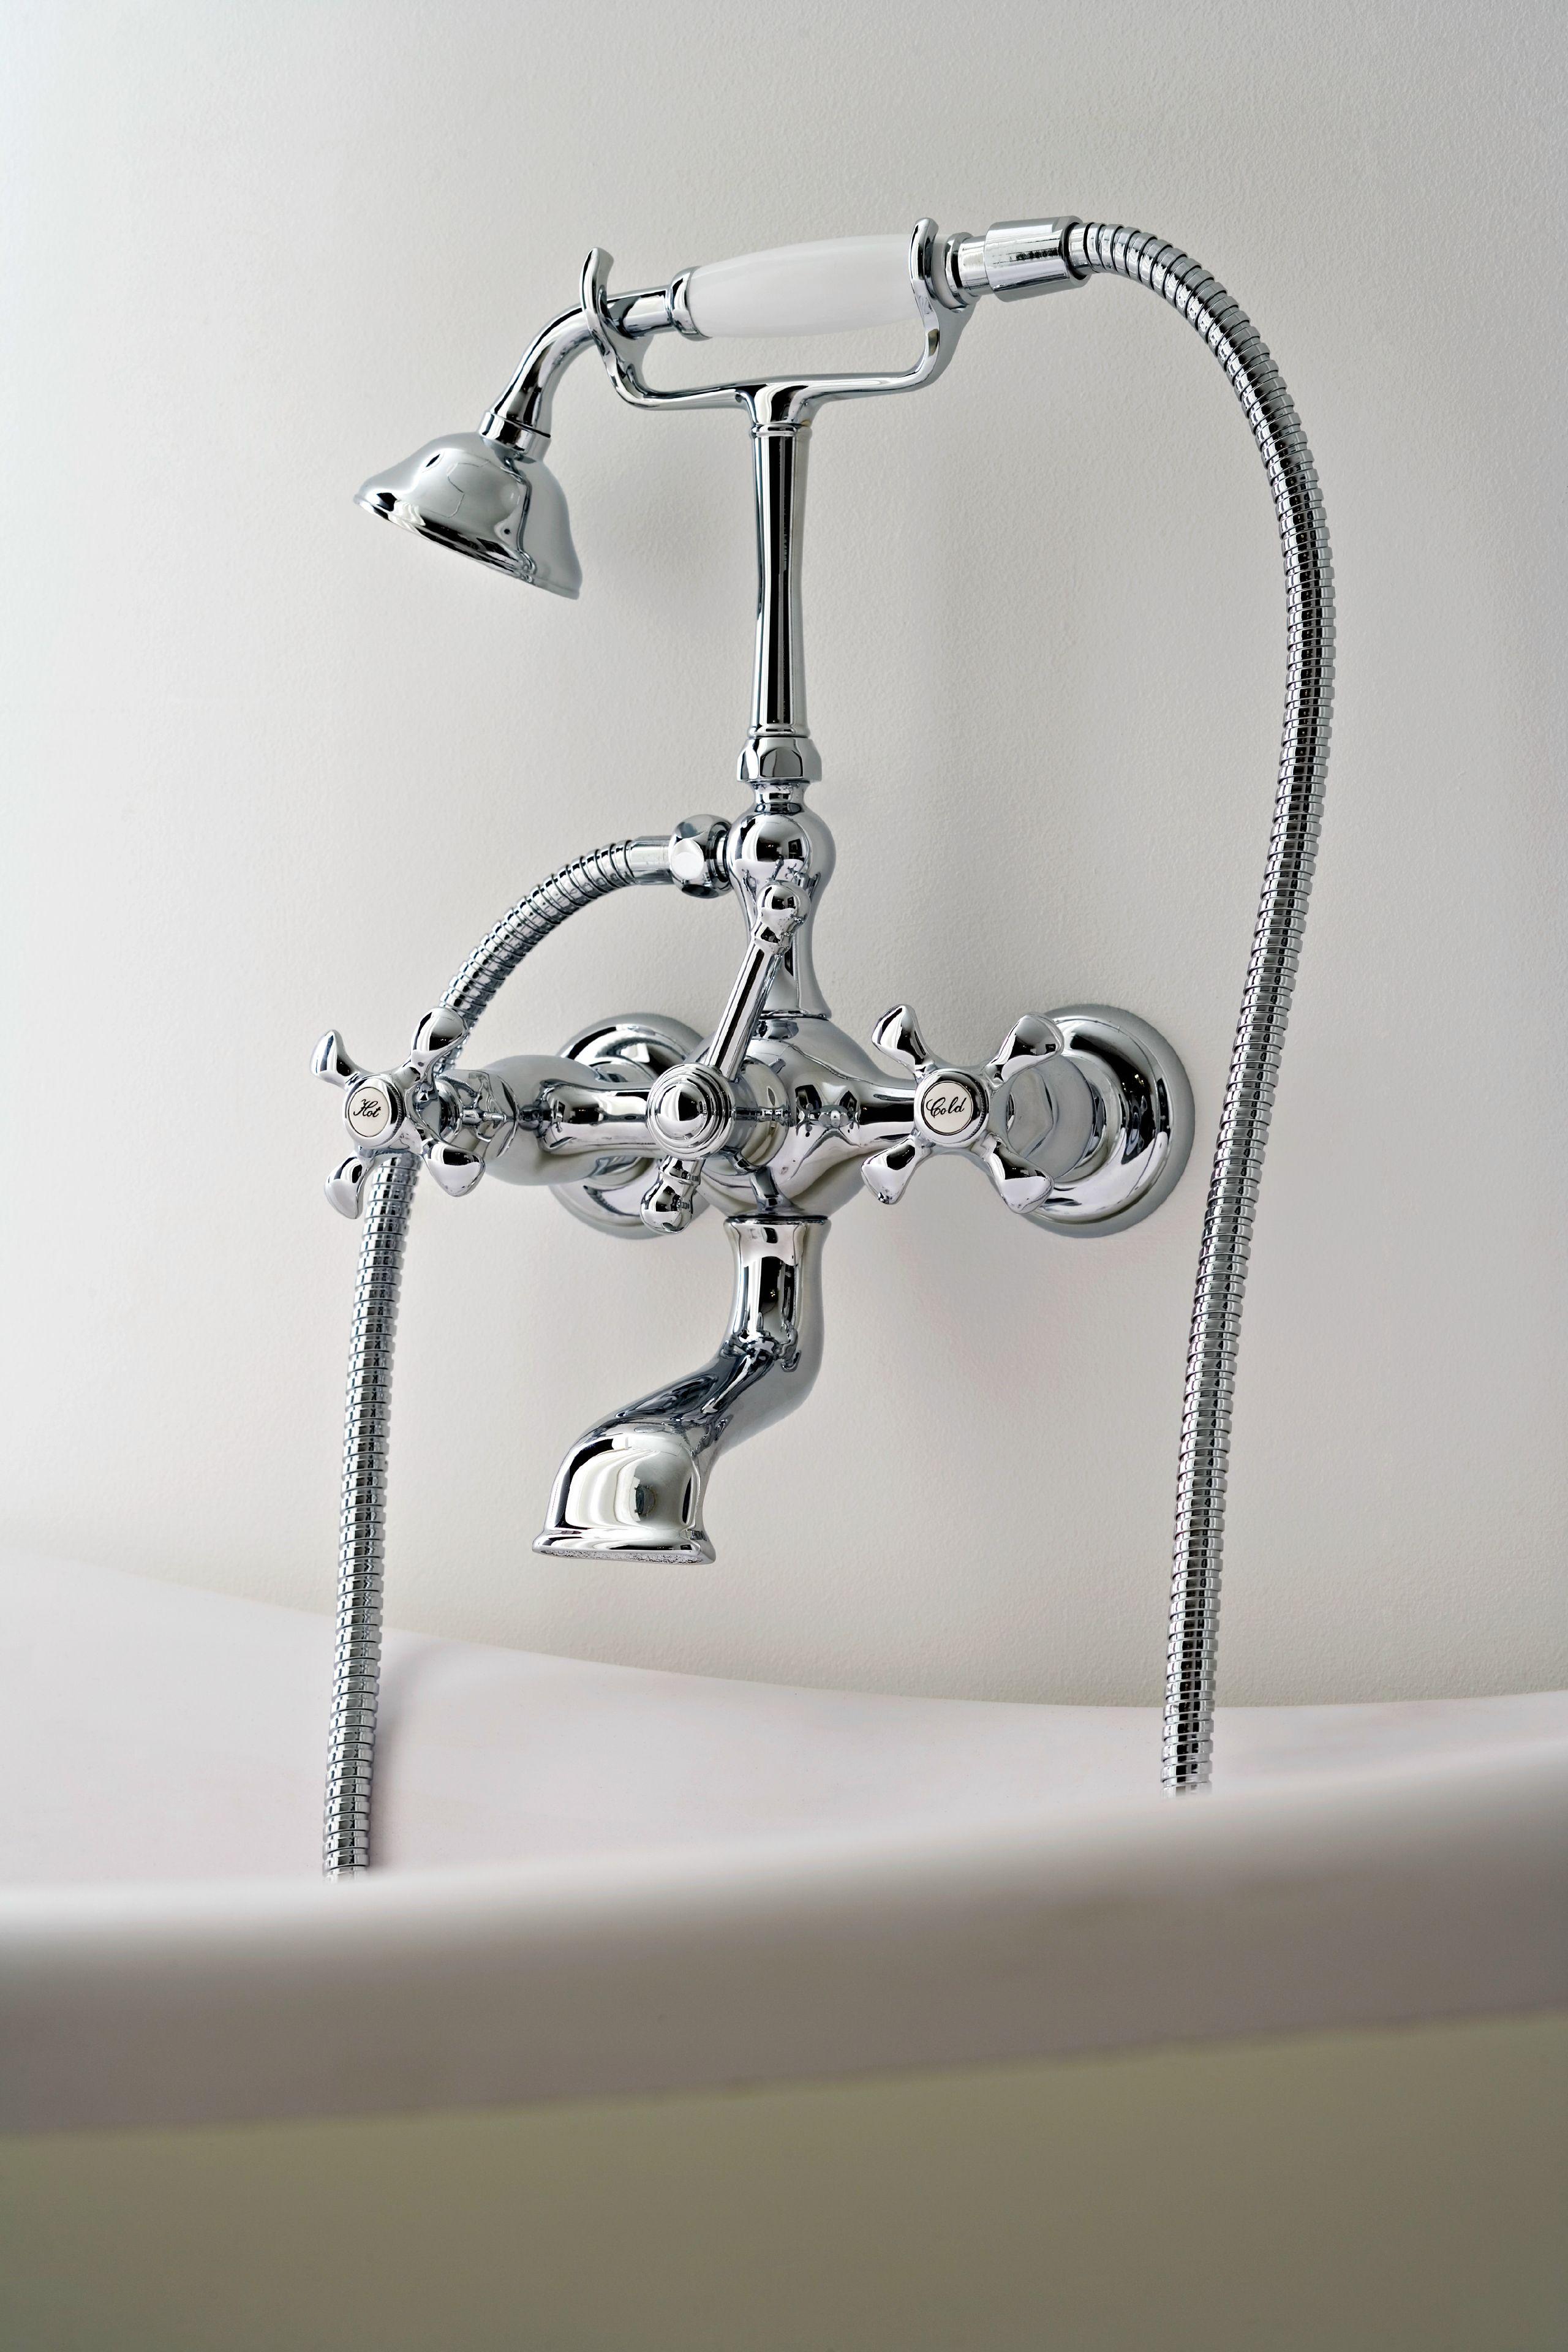 mão NUOVA RETRÒ Torneira para banheira de parede Rubinetterie 3M #4A5158 3160x4740